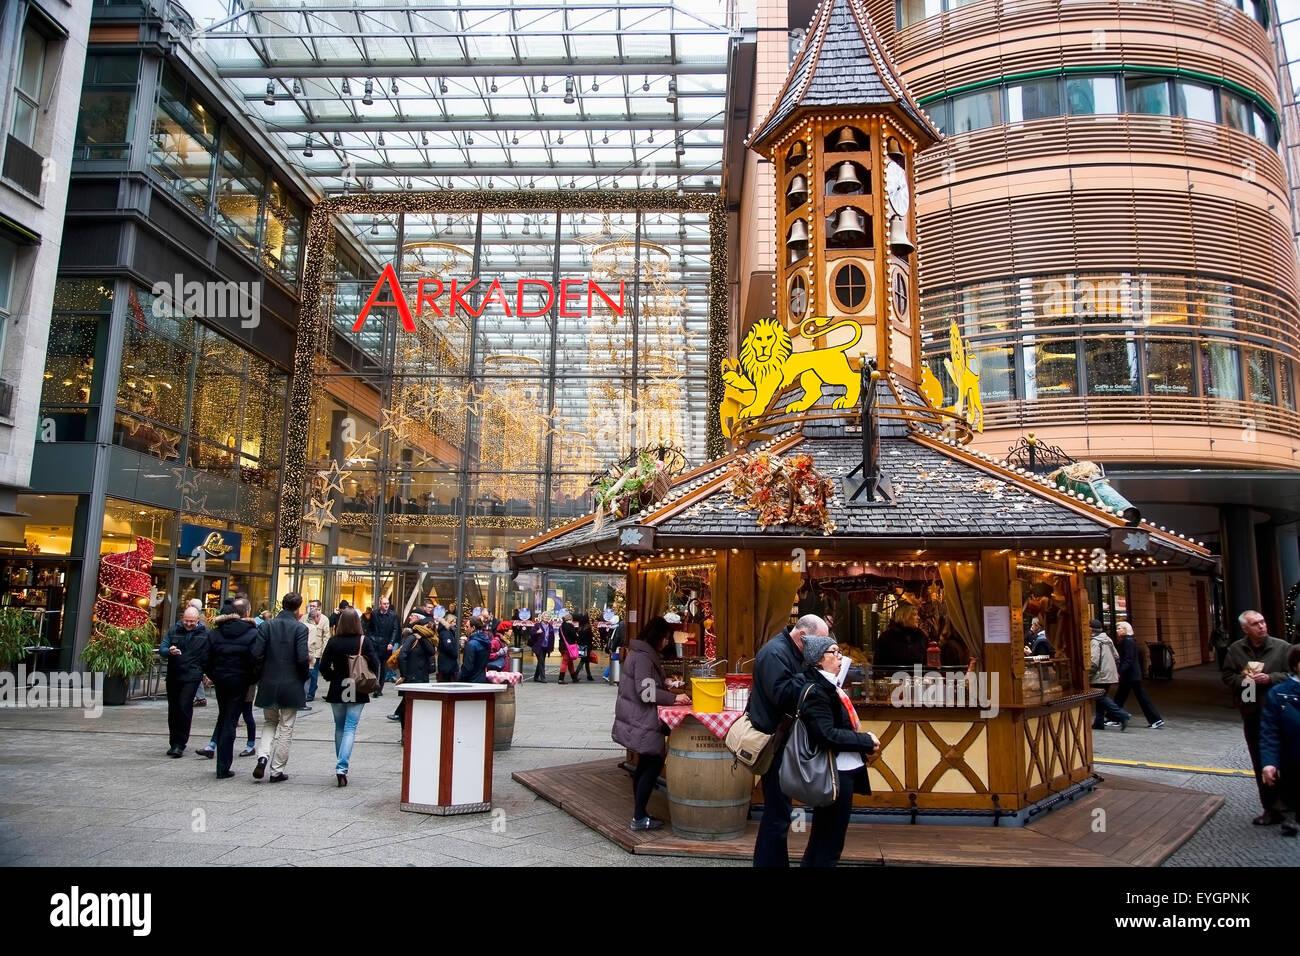 Deutschland, Berlin, Verkaufsständen, festliche Speisen und Getränke ...